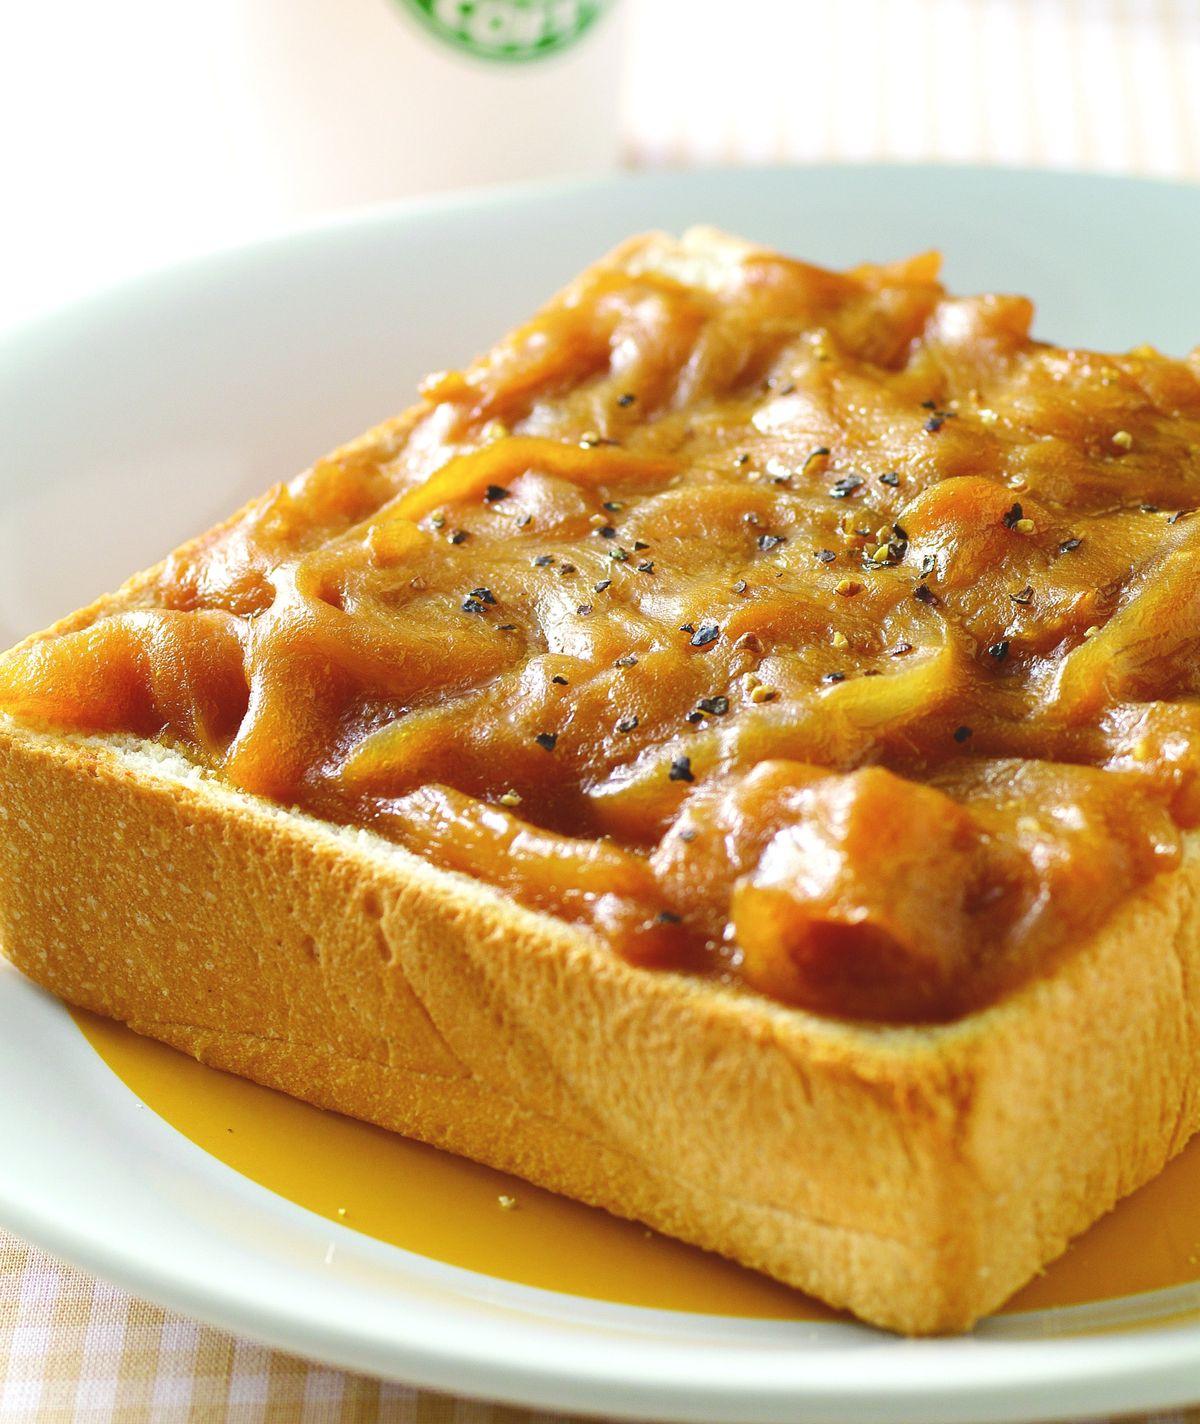 食譜:洋蔥醬烤土司